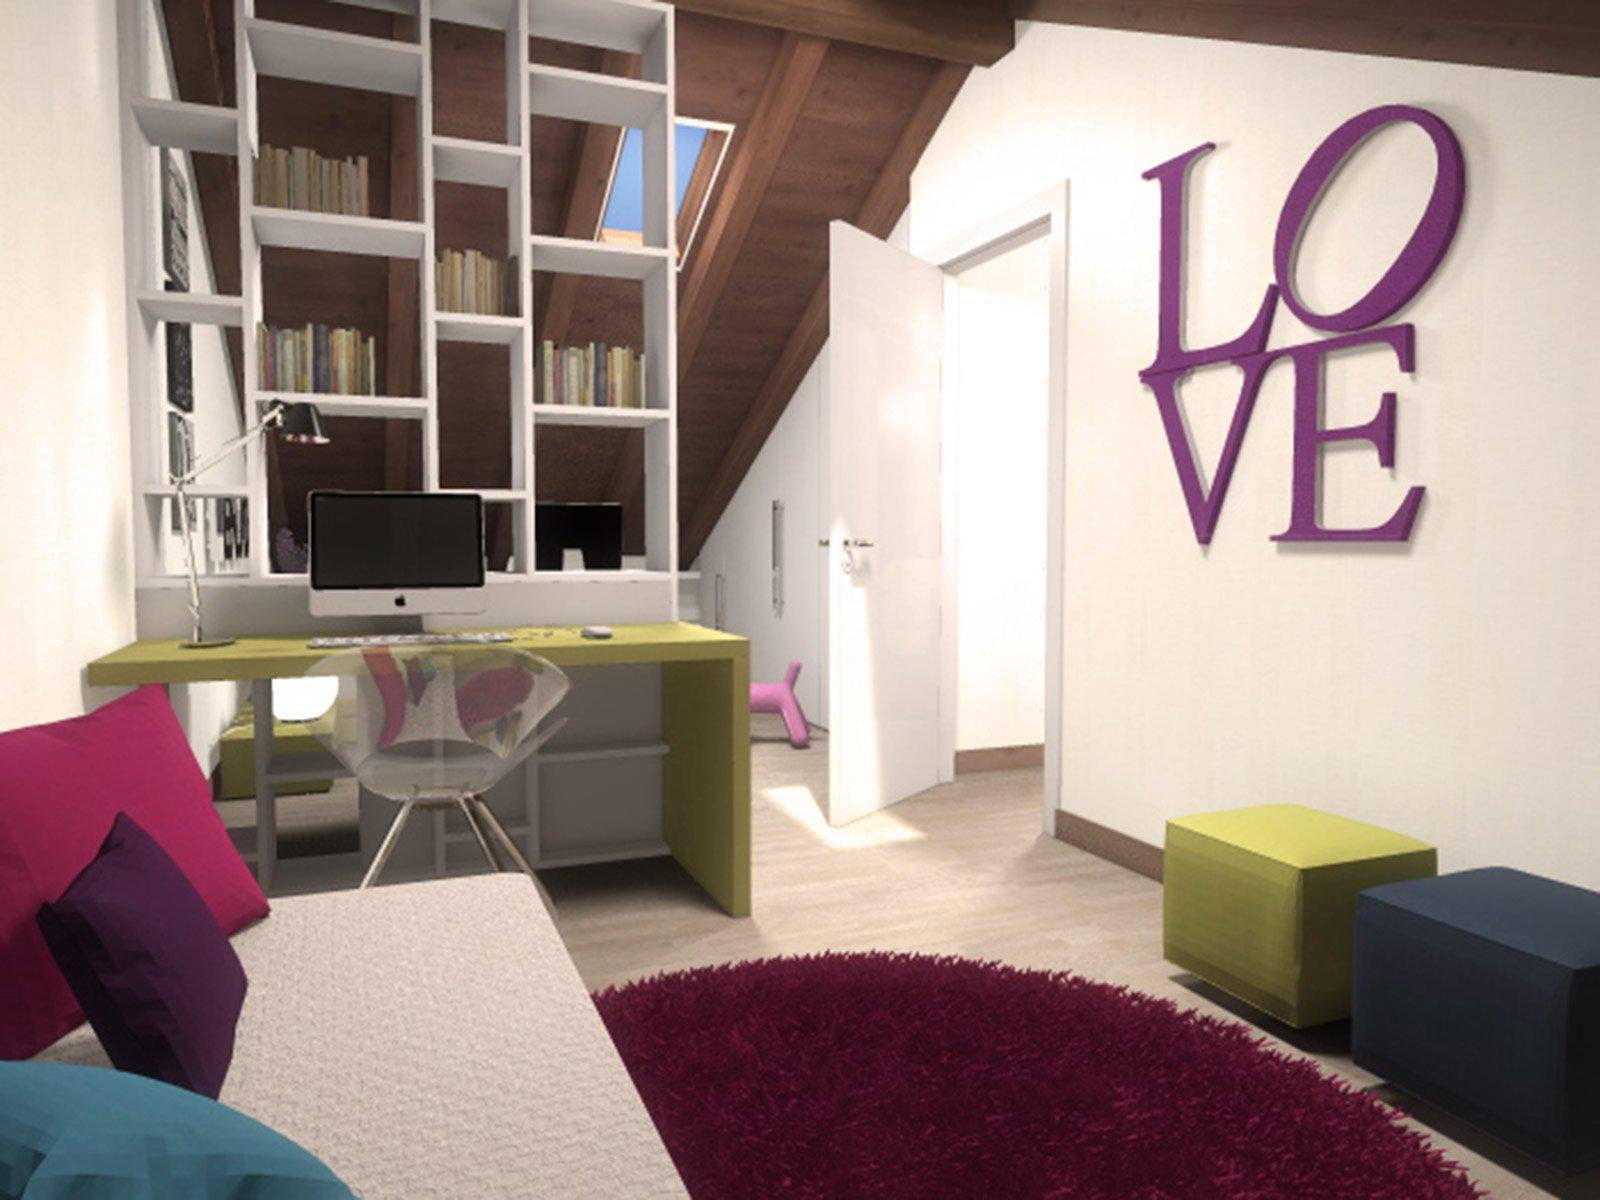 La mansarda da dividere in camera e studio cose di casa - Camera da letto sottotetto ...